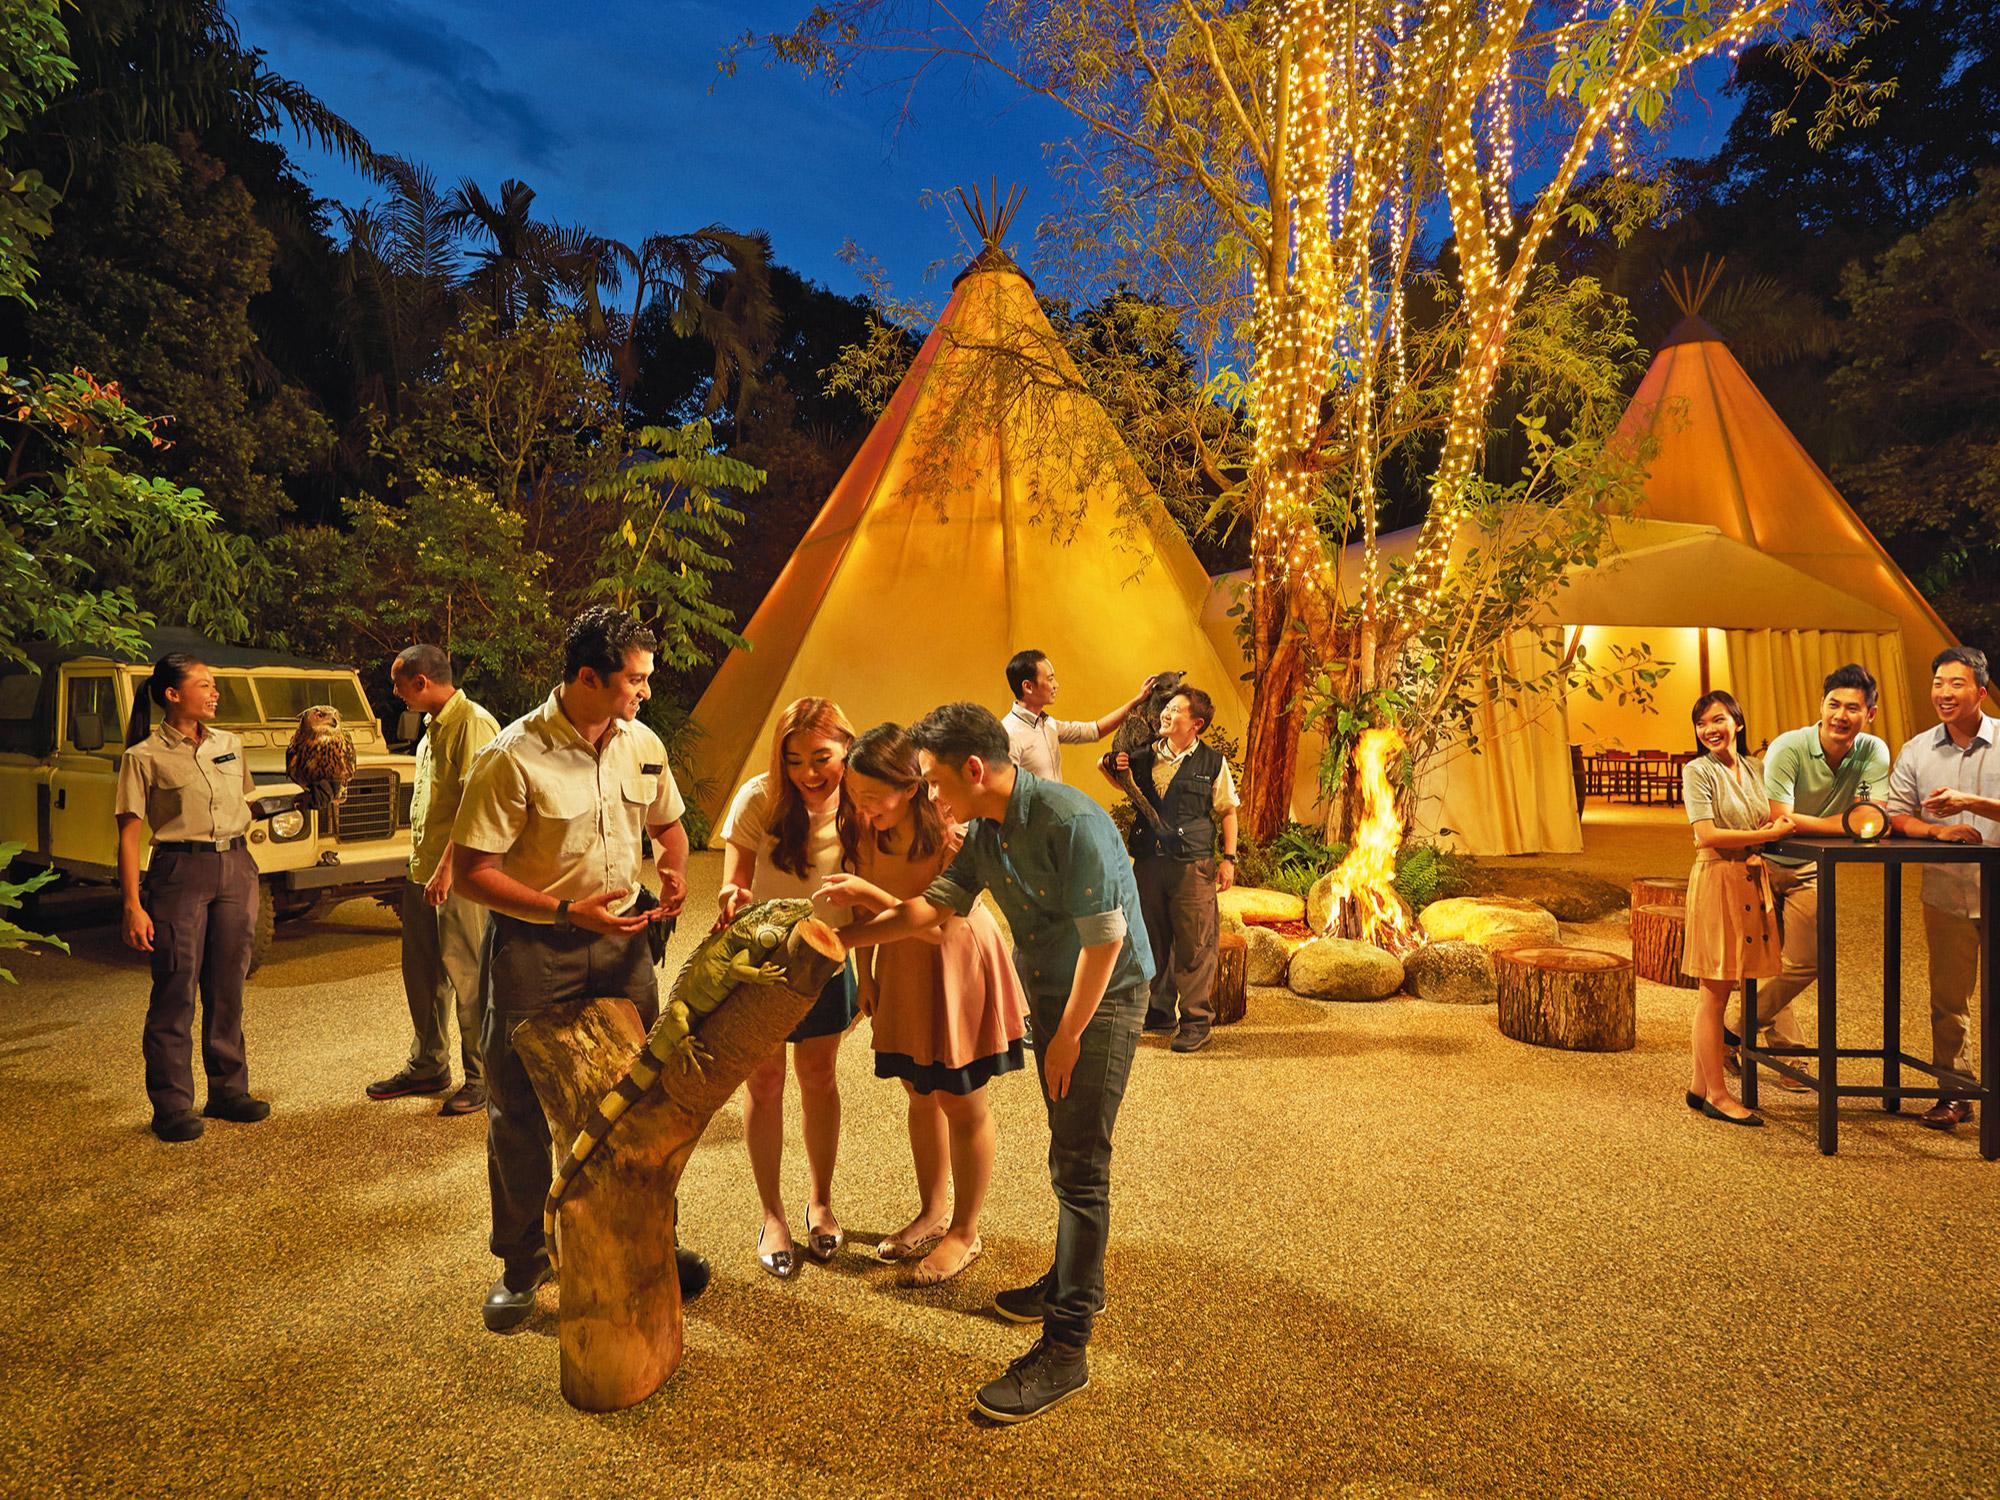 An Evening in the Wild & Gourmet Safari Express in Night Safari